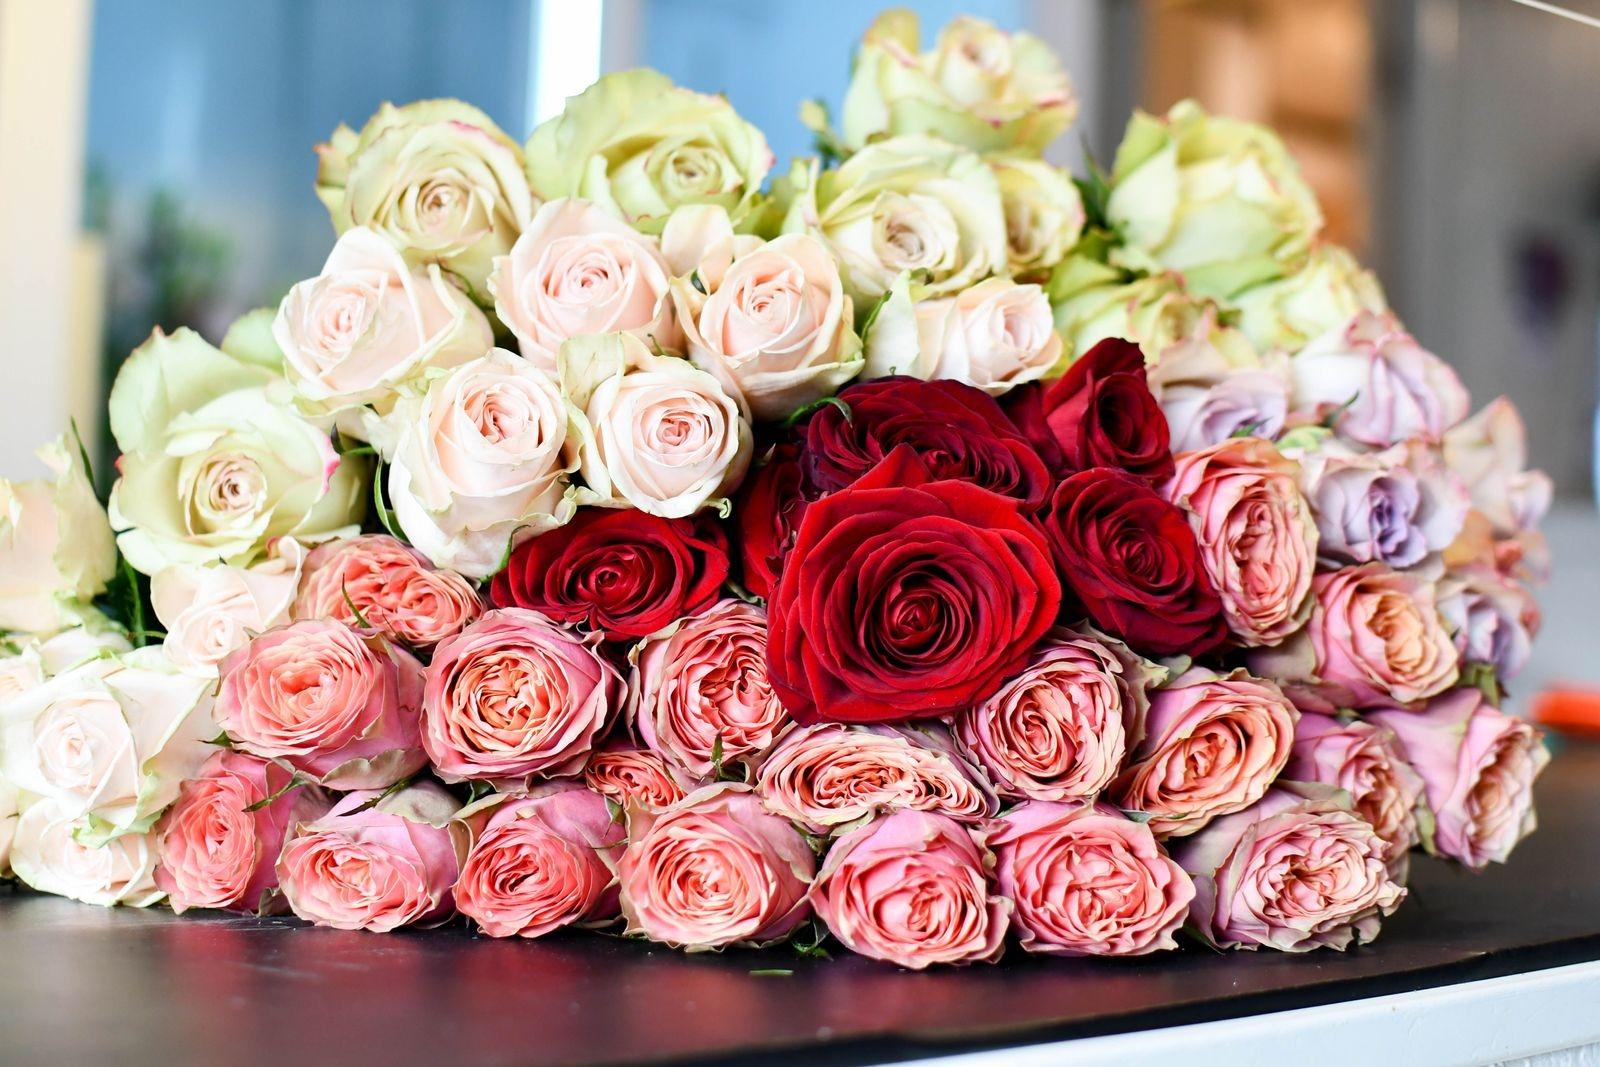 Kärlekens röda färg i sällskap av smutsiga pasteller som är populärt just nu.